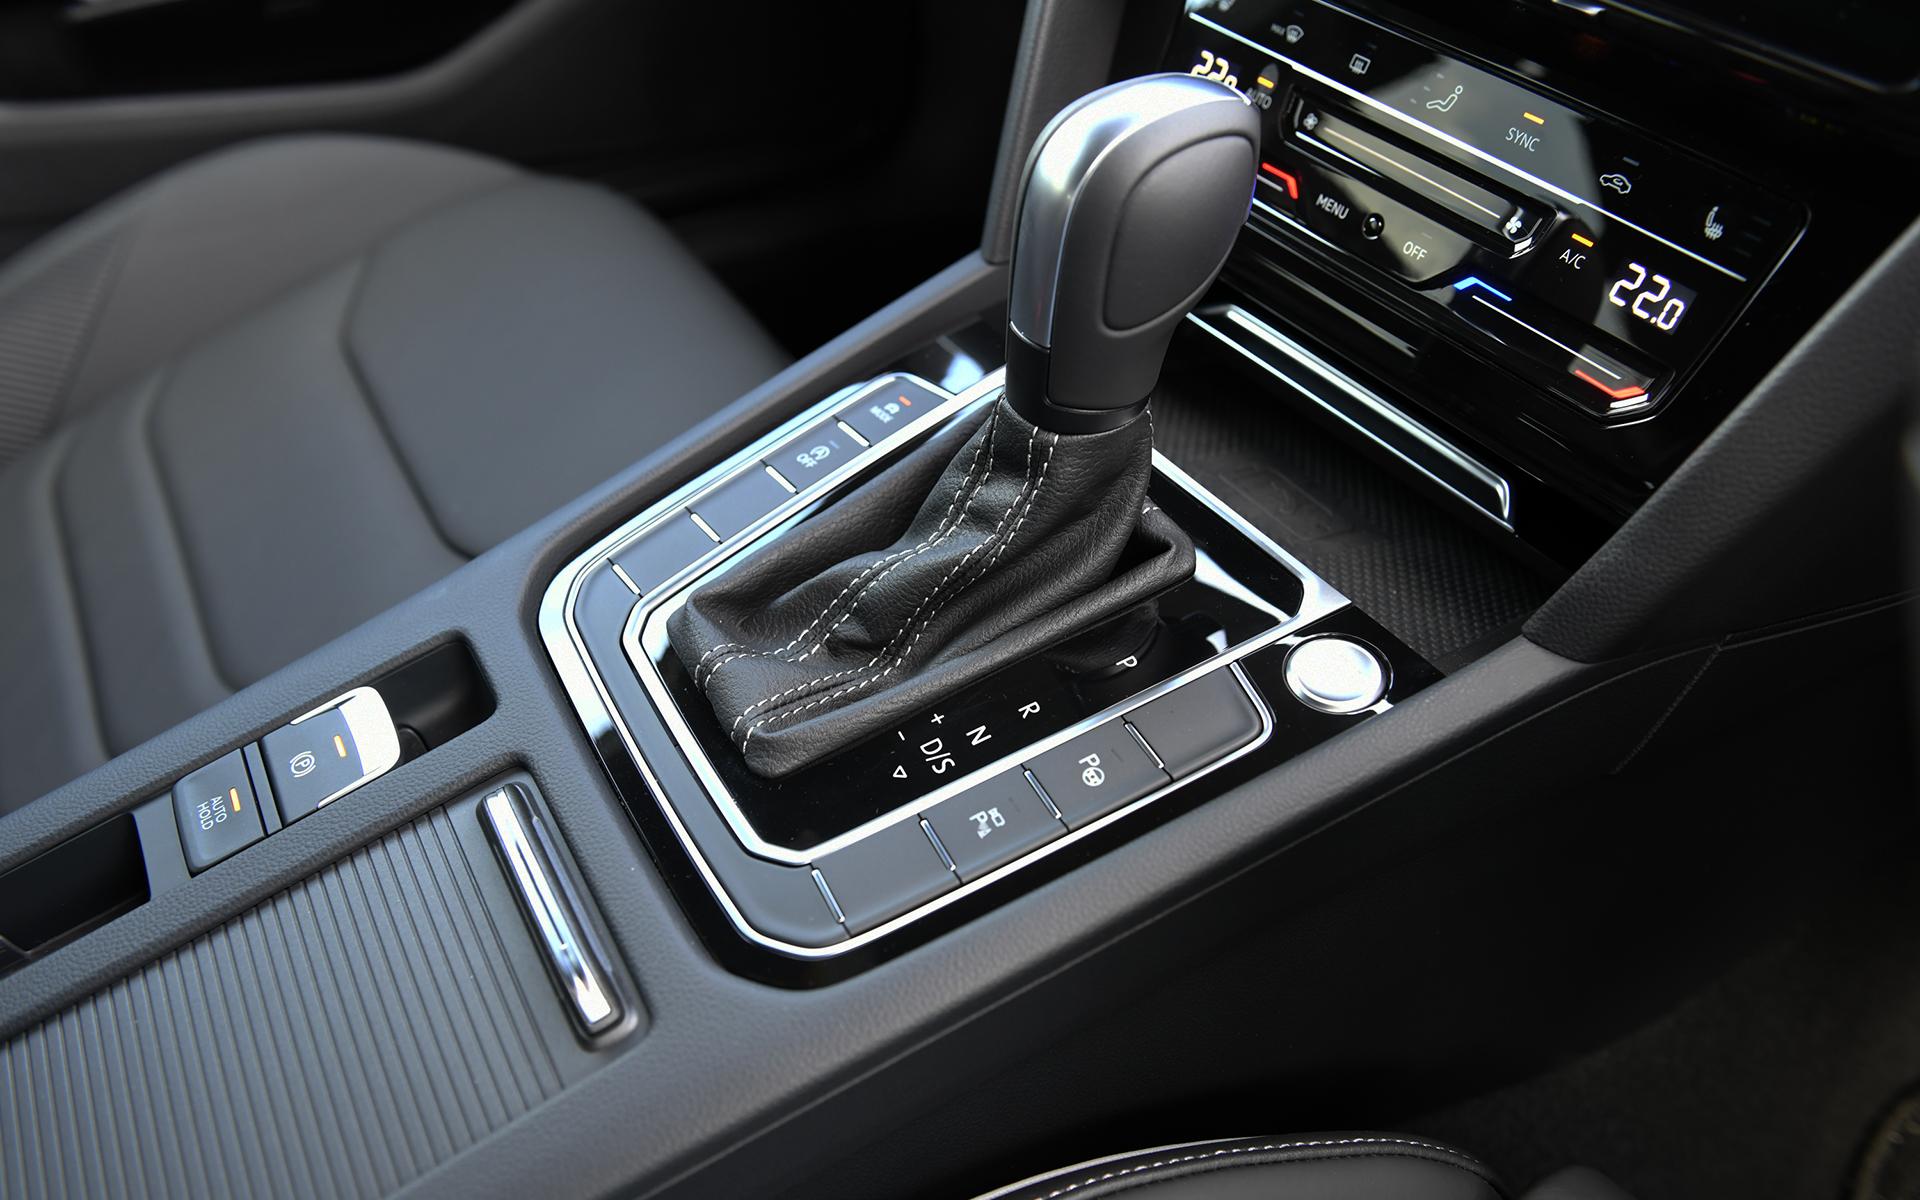 """インフォテイメントシステム""""Discover Pro""""、デジタルメータークラスター""""Digital Cockpit Pro""""などを標準装備。なお、アルテオンとアルテオン シューティングブレークで装備差はない"""